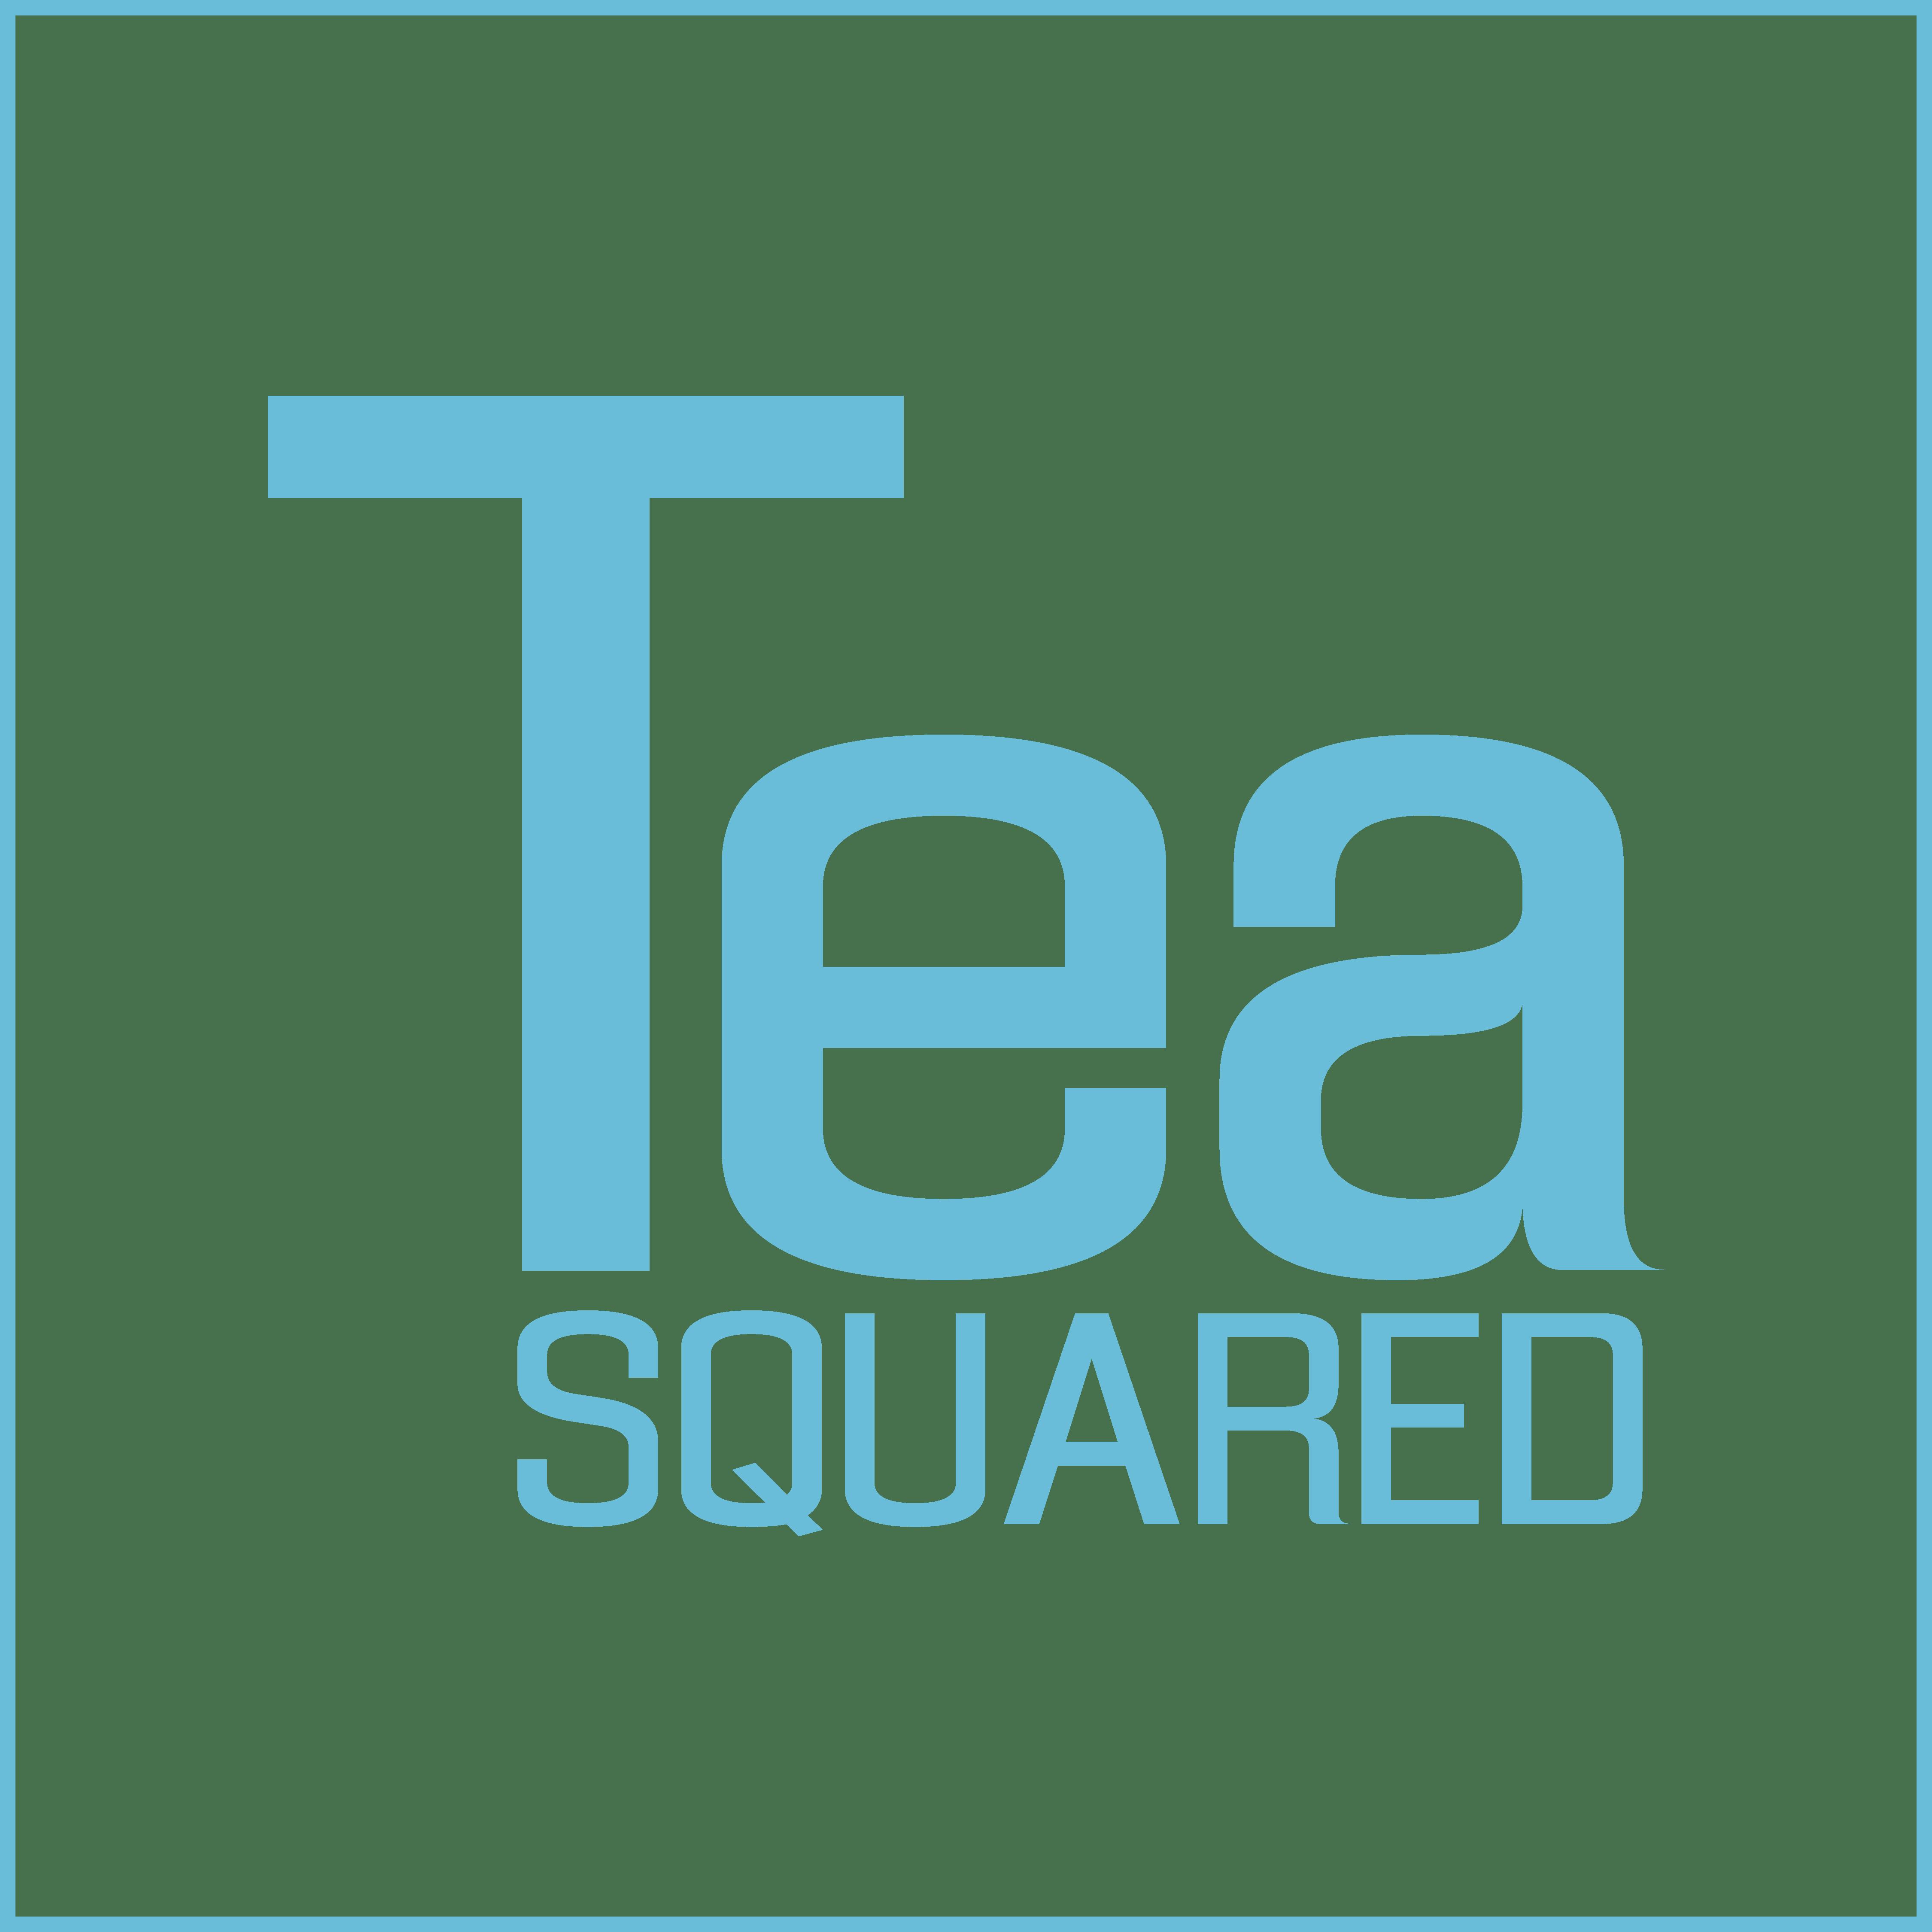 Tea Squared